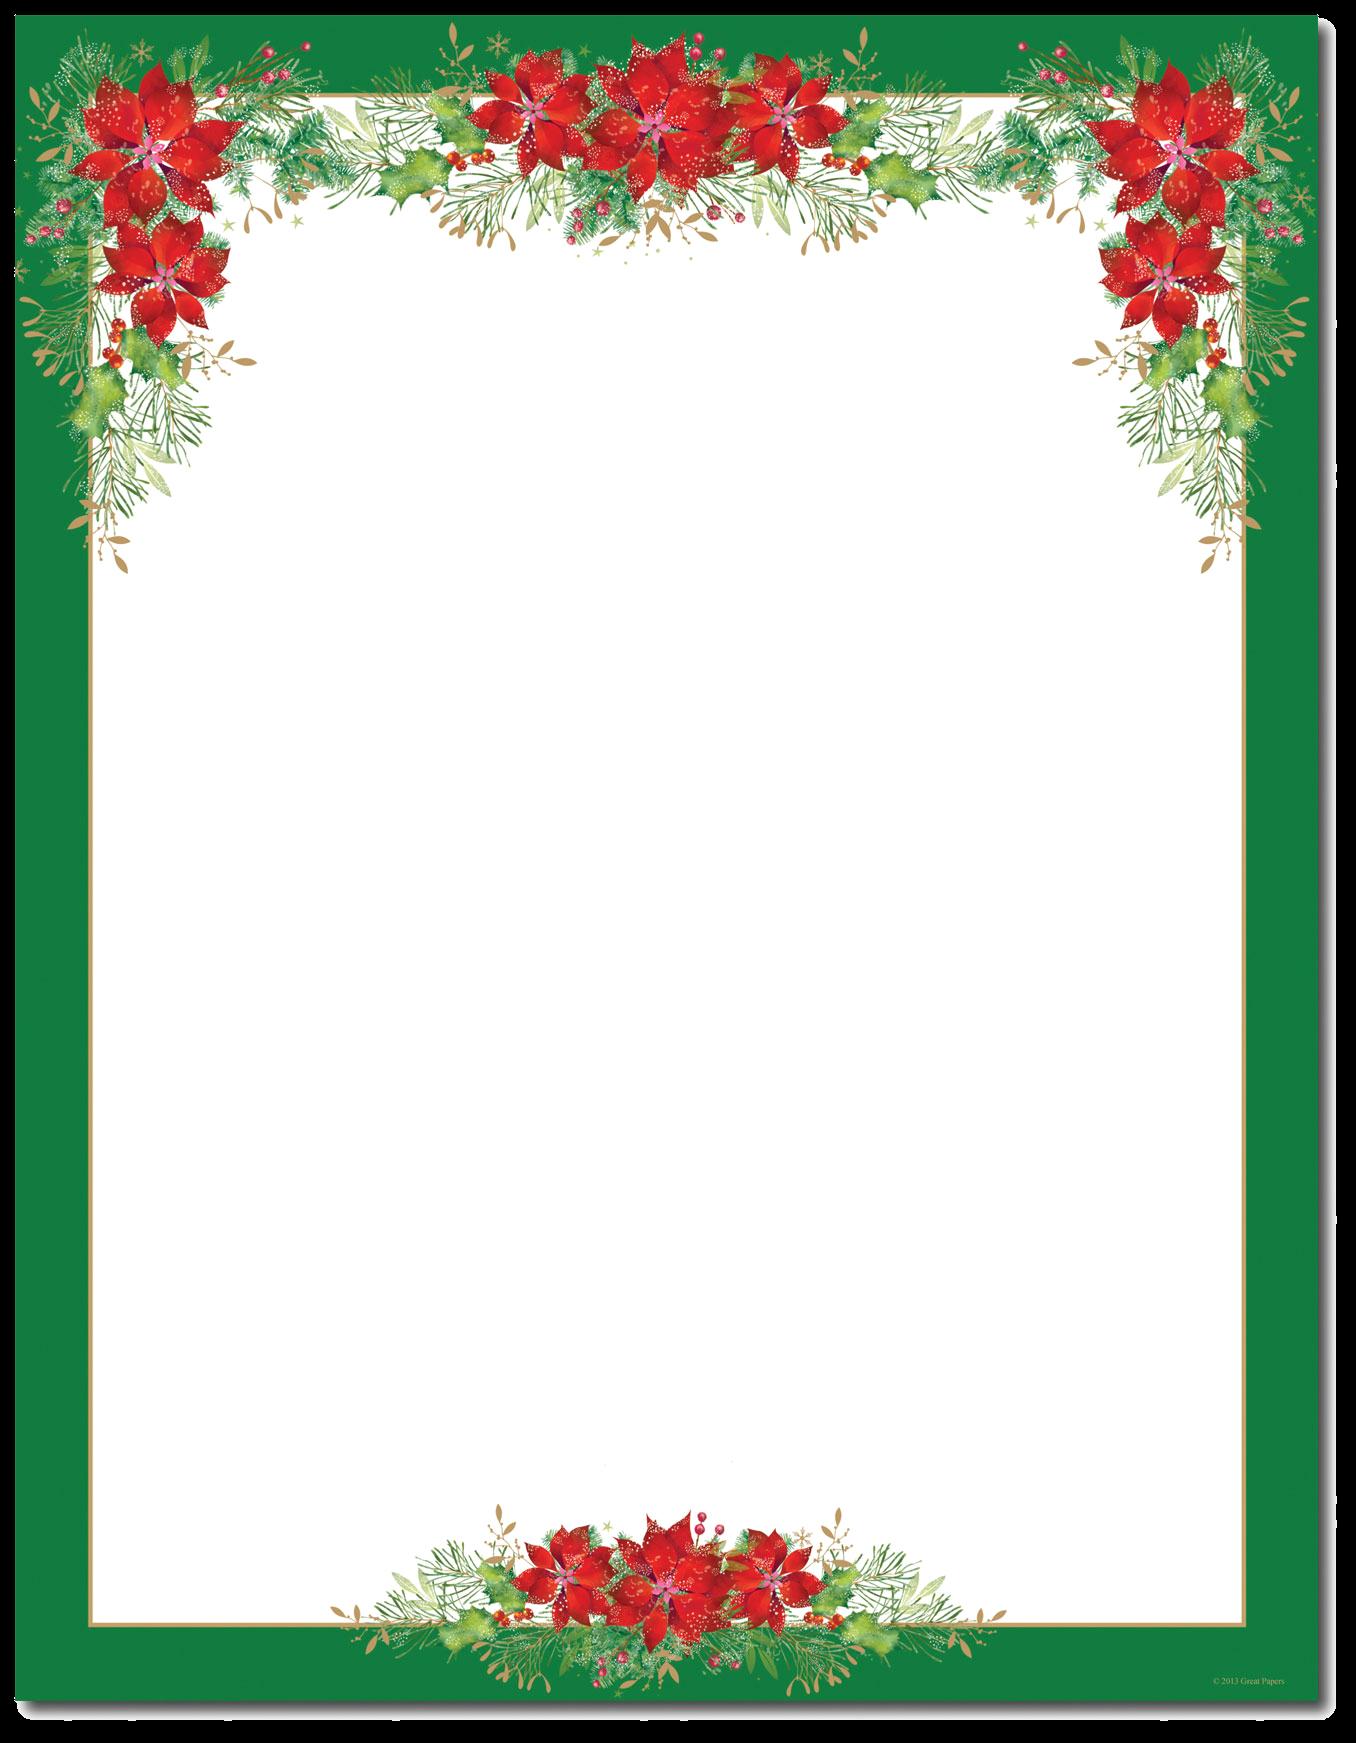 Christmas Border Letterhead Borders Clip Art Religious For.